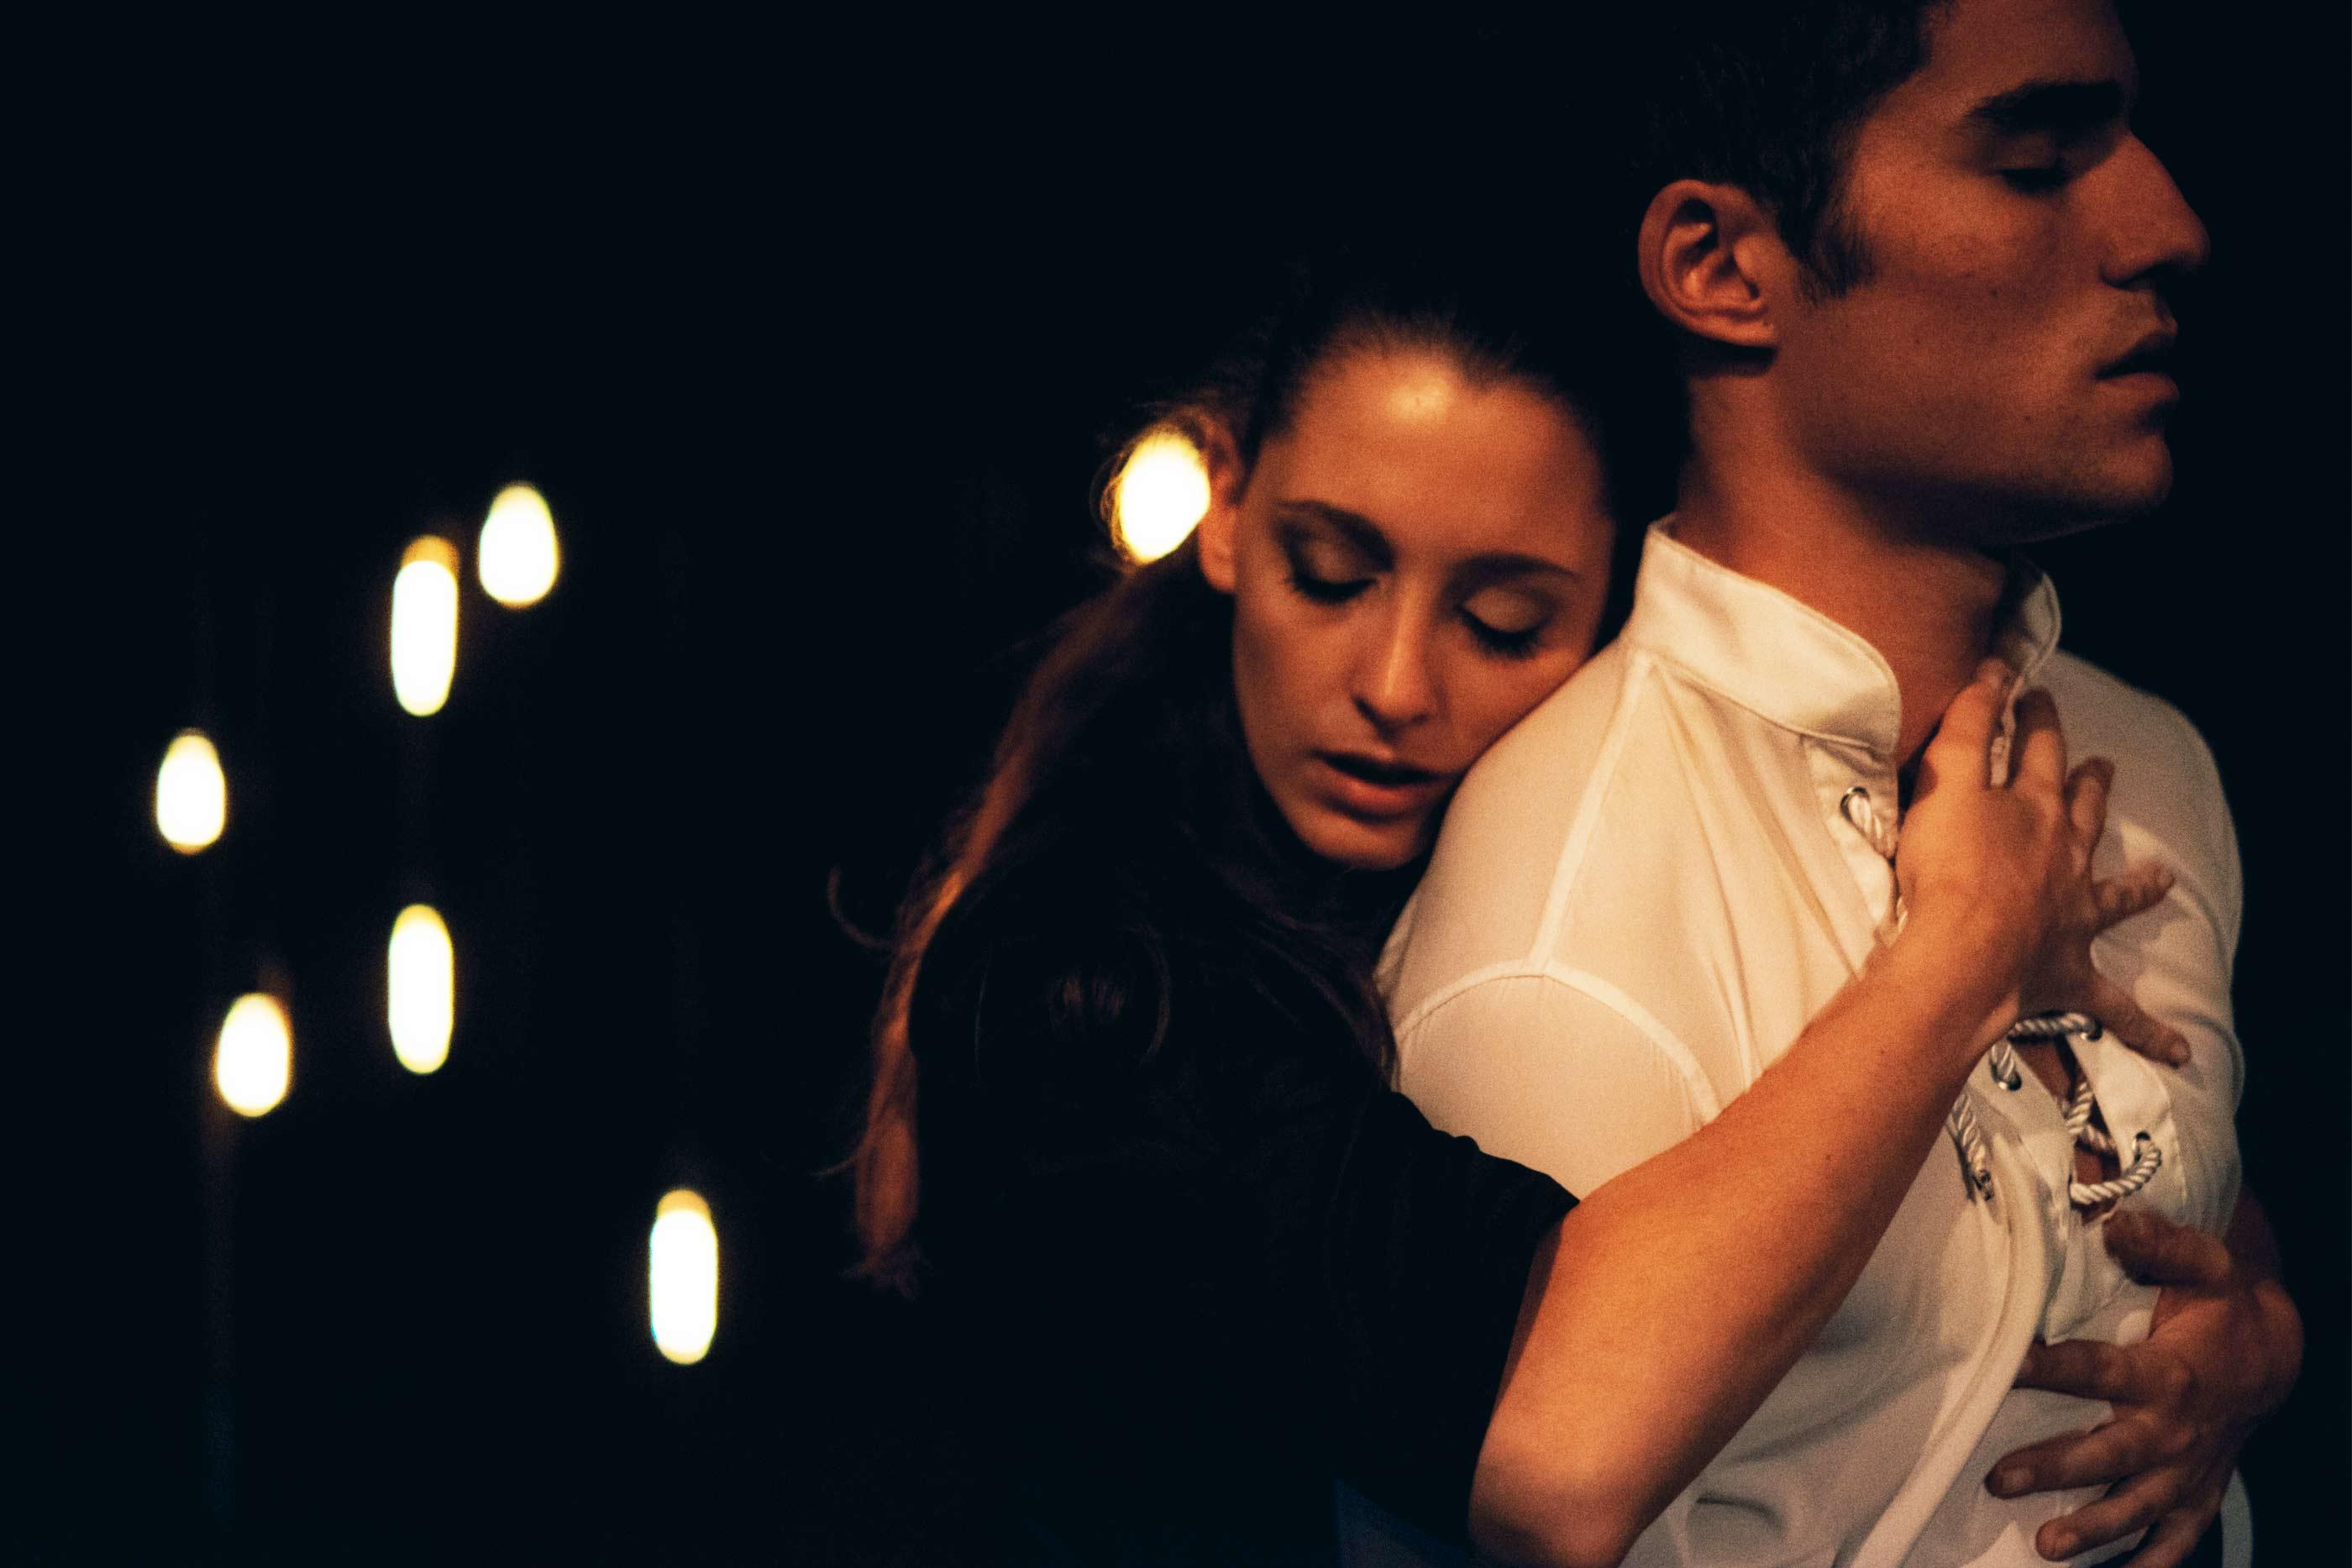 Lídia Muñoz e José Condessa interpretando Ofélia e Hamlet, numa cena intimista reflete acerca do amor, da sexualidade e da morte.